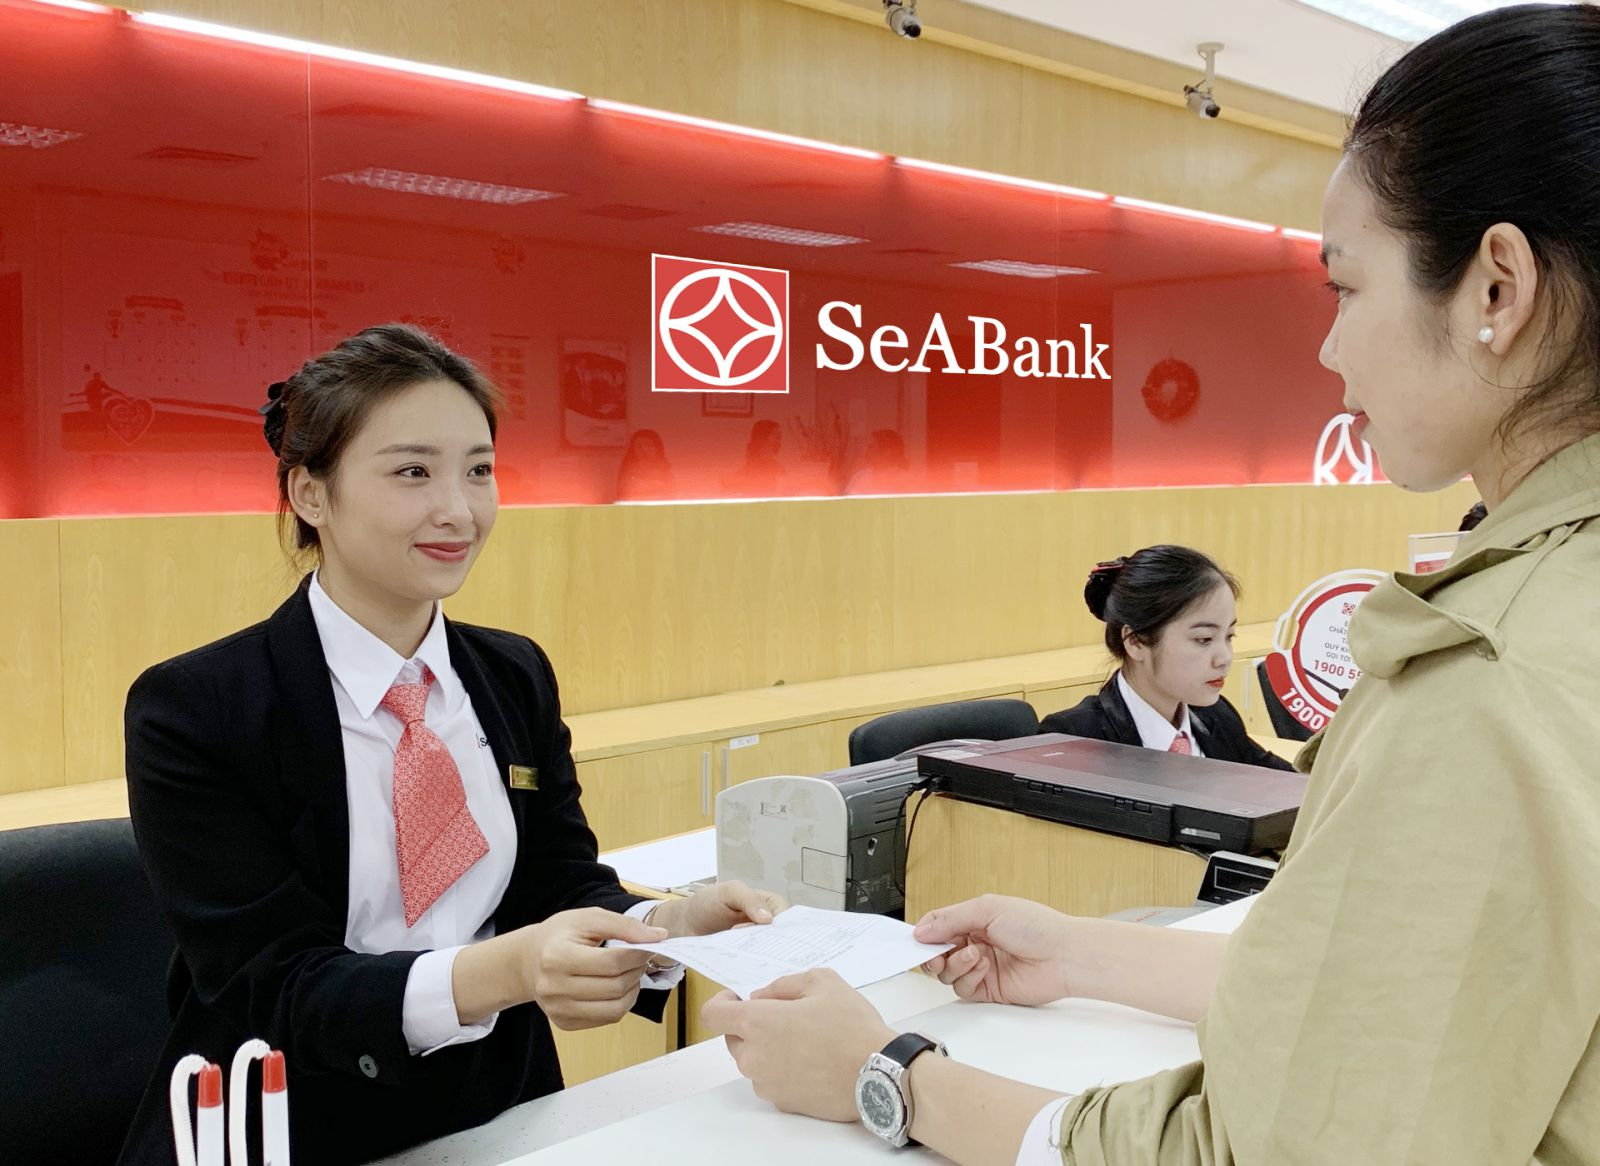 Lãi suất ngân hàng SeABank tháng 10/2020: Cao nhất là 6,88%/năm - Ảnh 1.